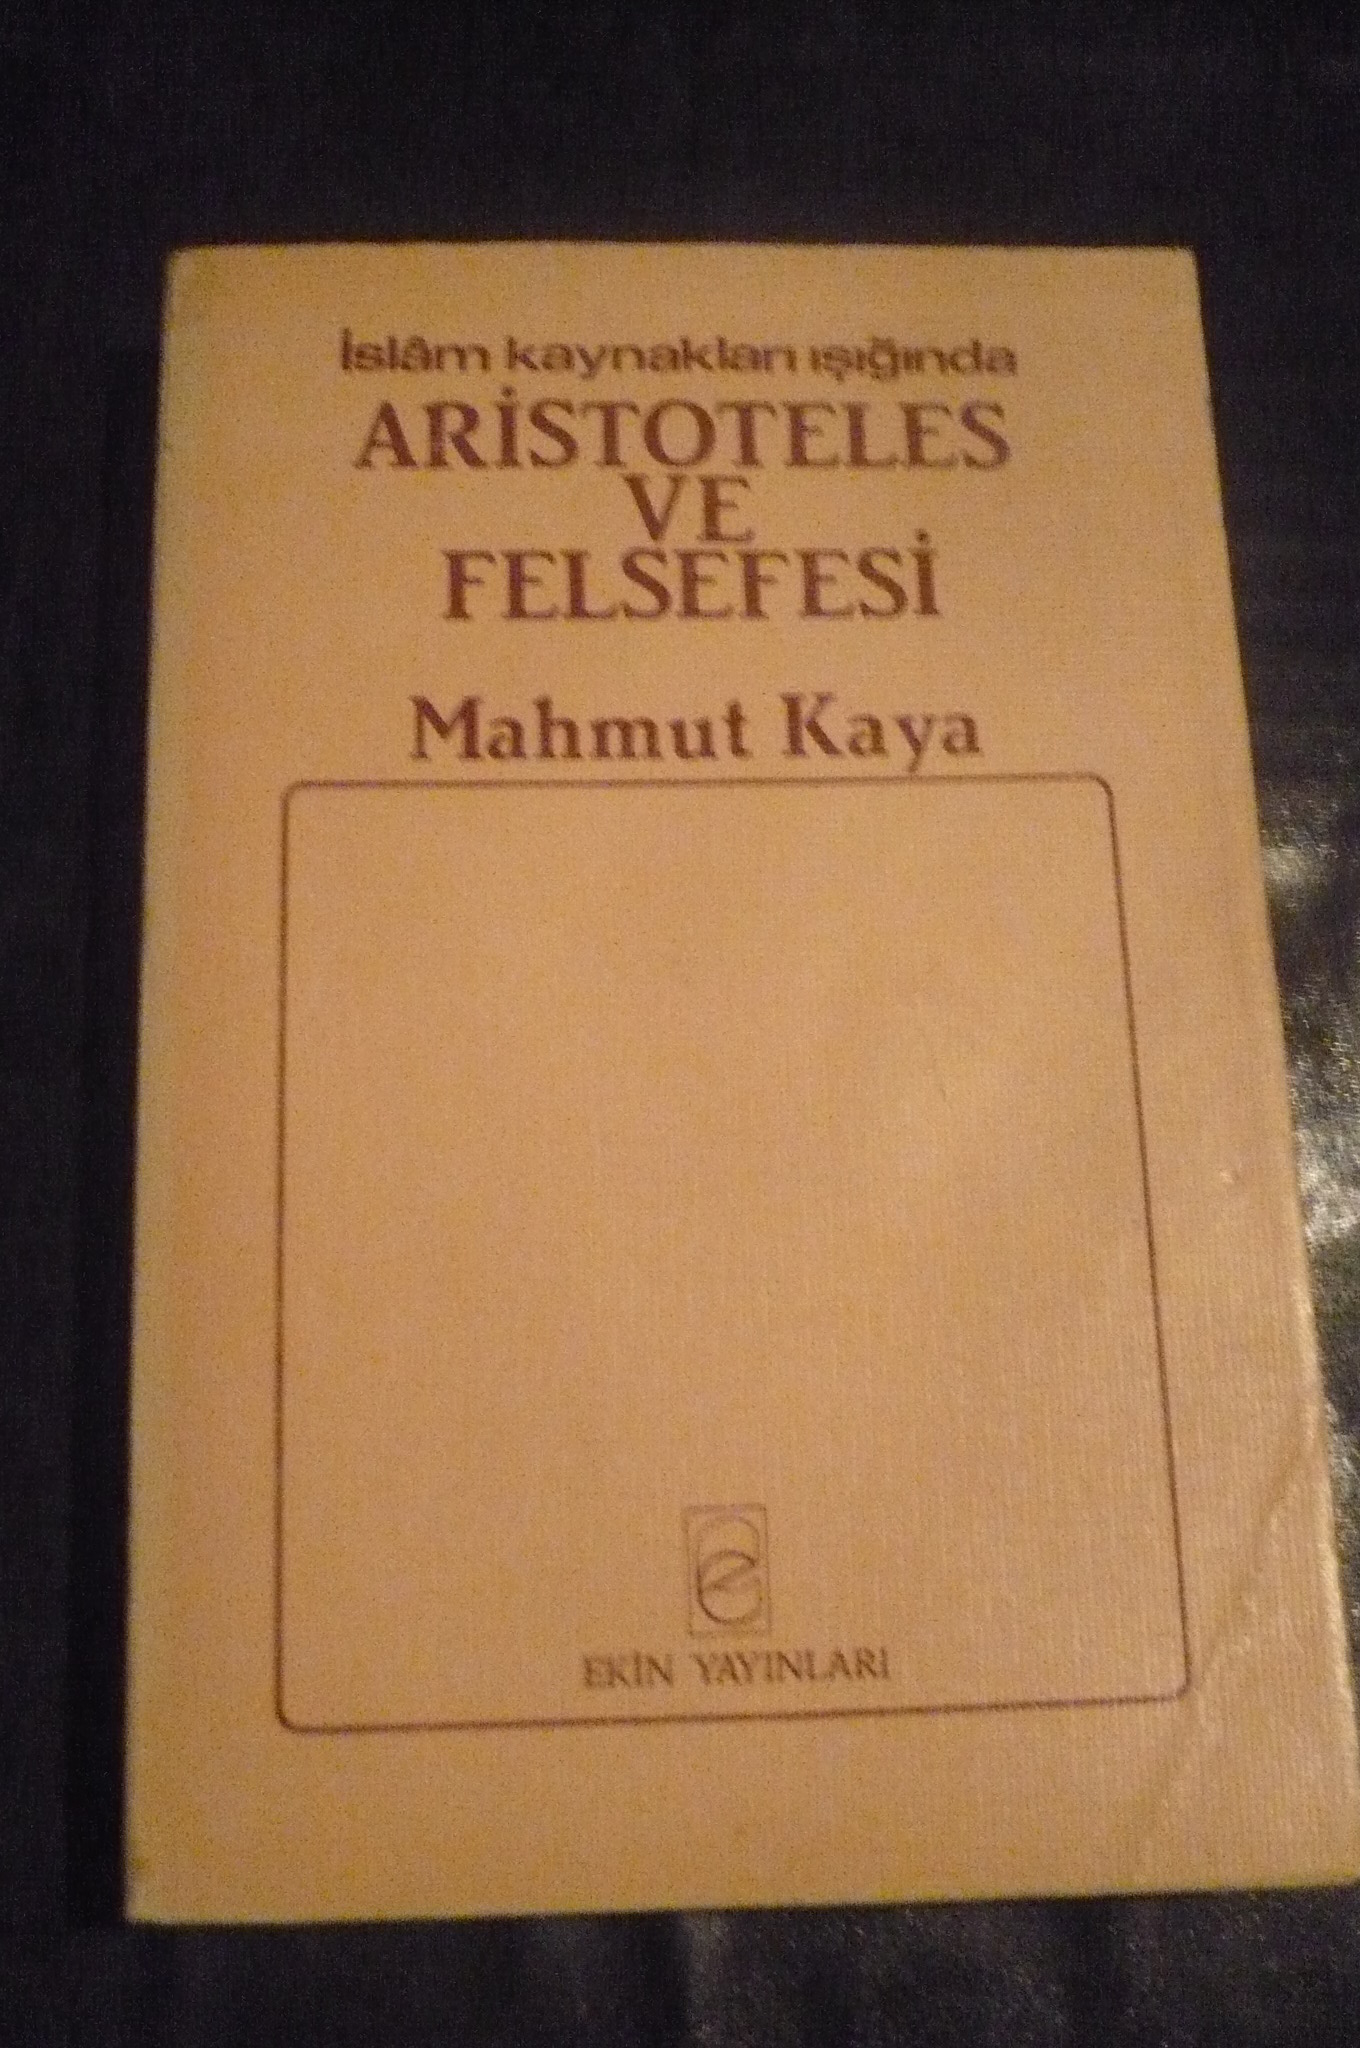 İslam kaynakları ışığında ARİSTOTALES FELSEFESİ/Mahmut Kaya/25 tl